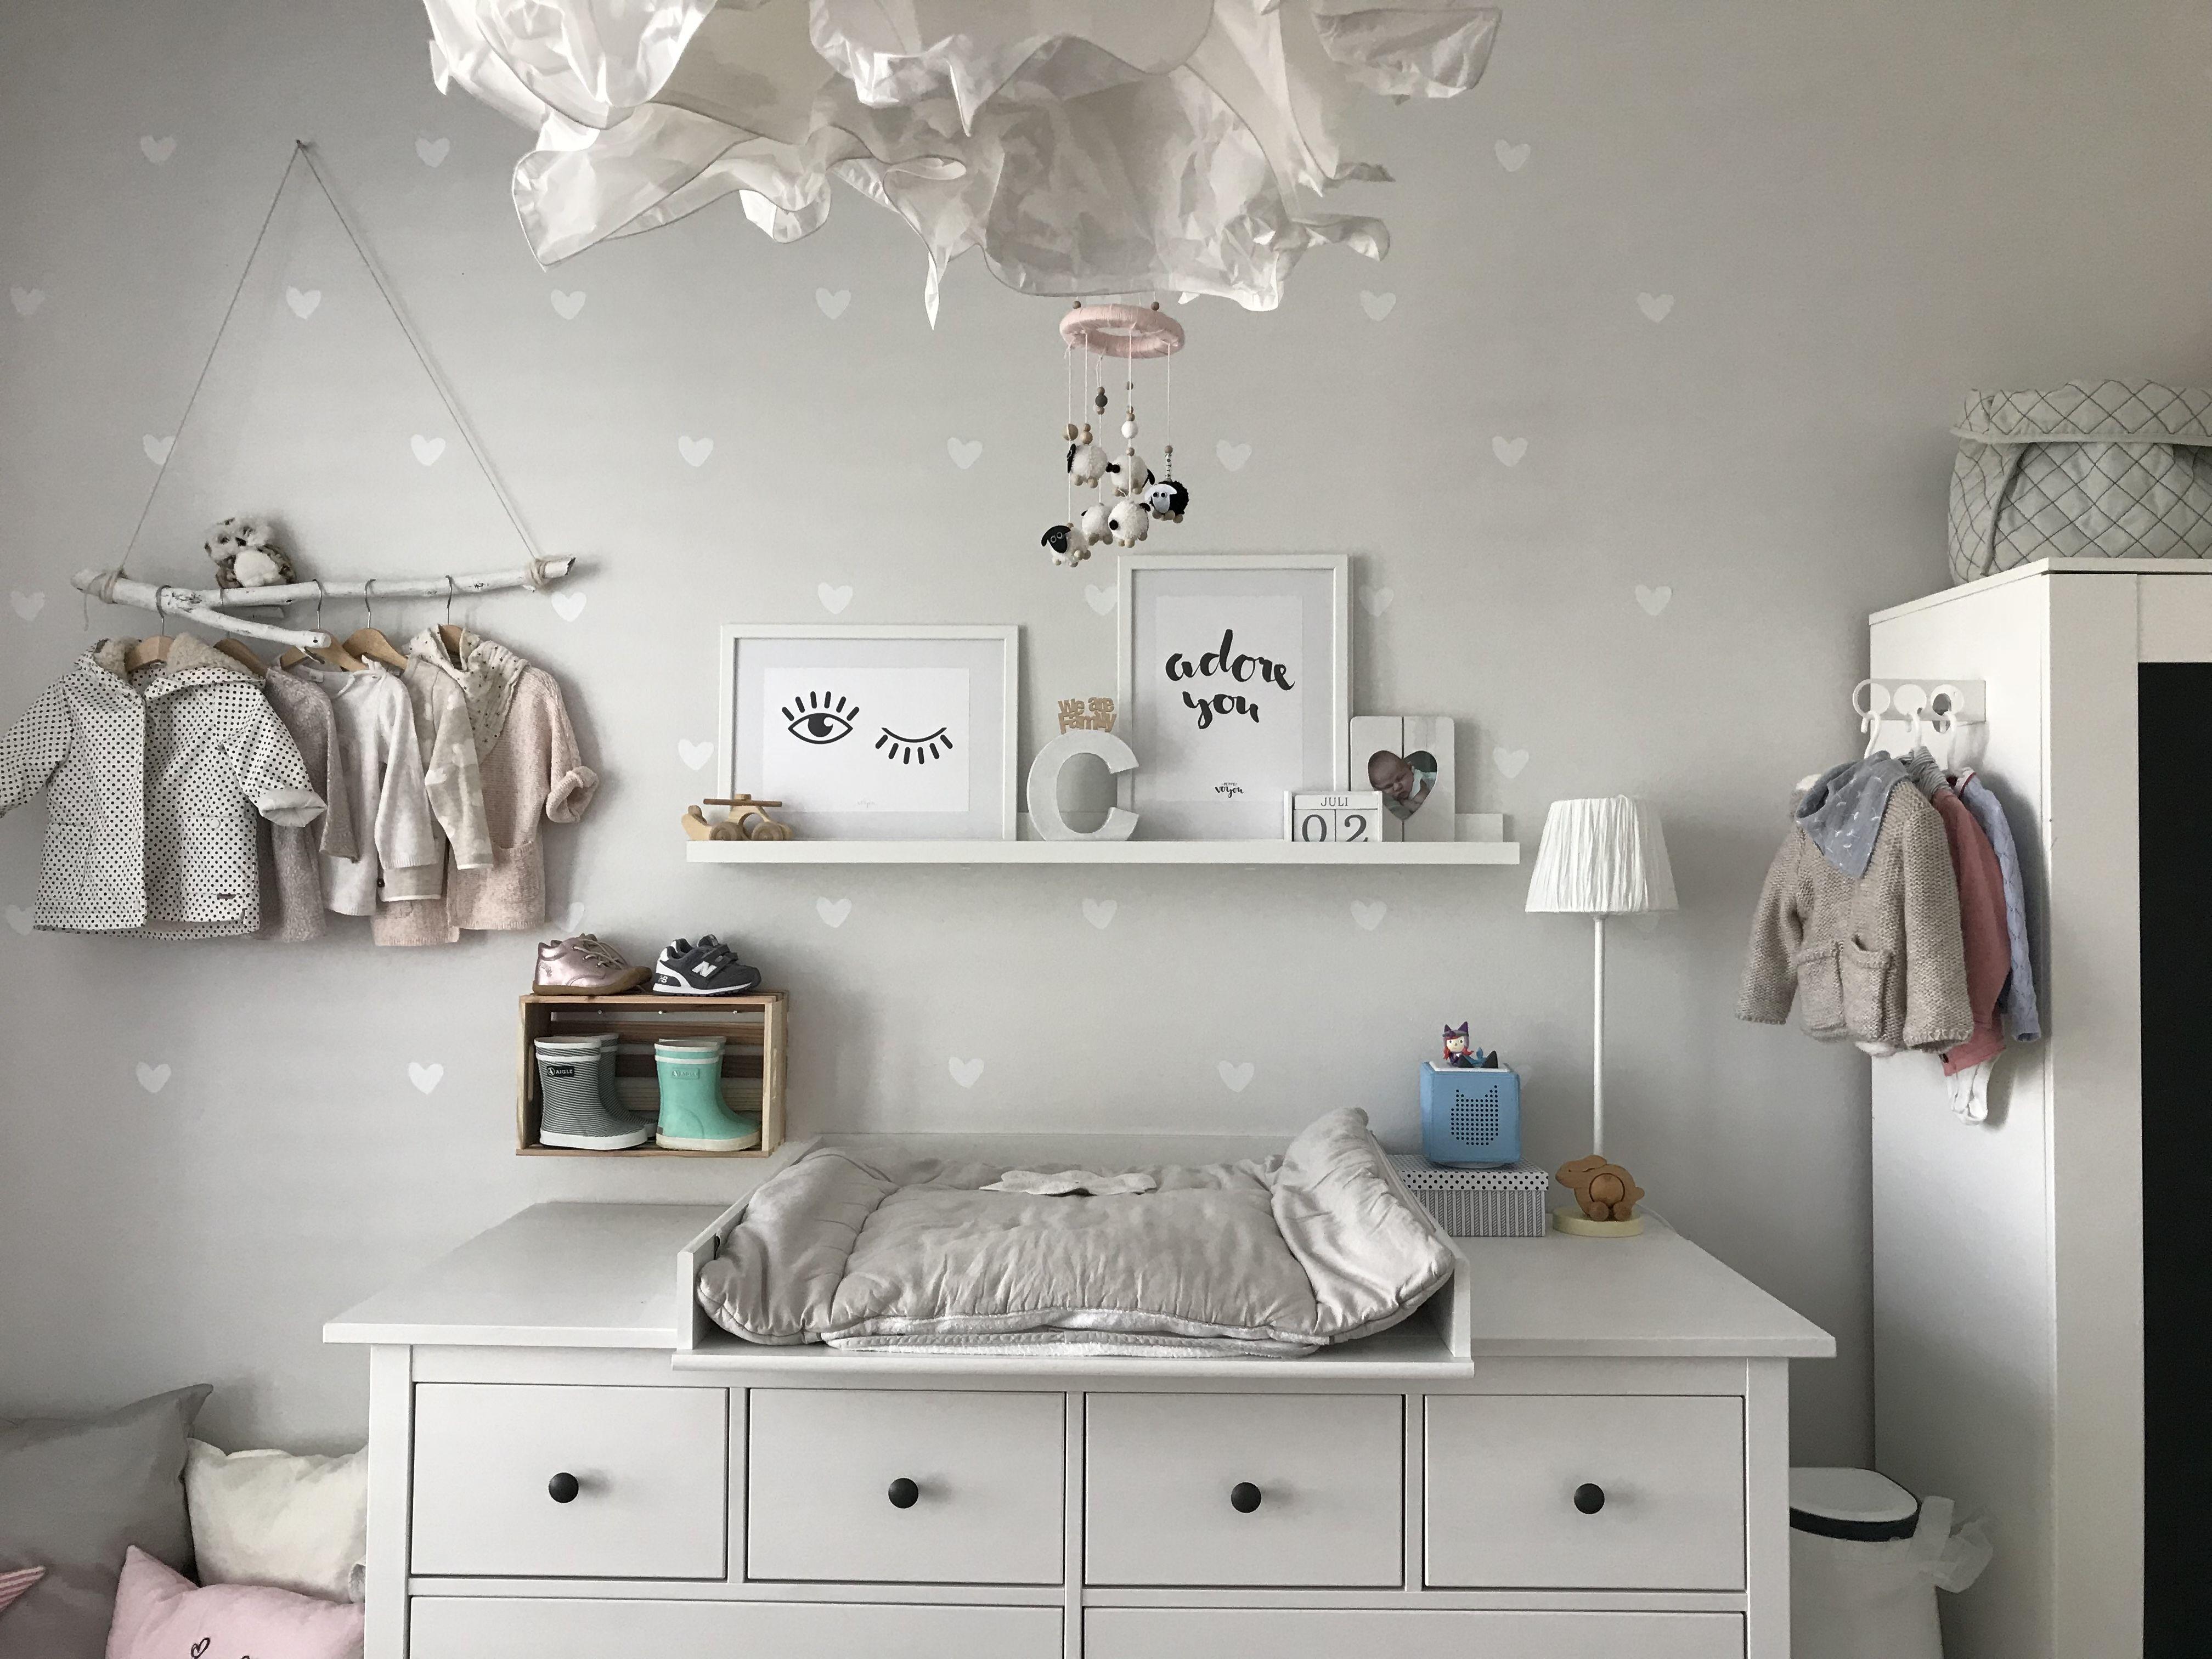 Ikea Babyzimmer ikea hemnes wickelkommode puckdaddy kinderzimmer babyzimmer